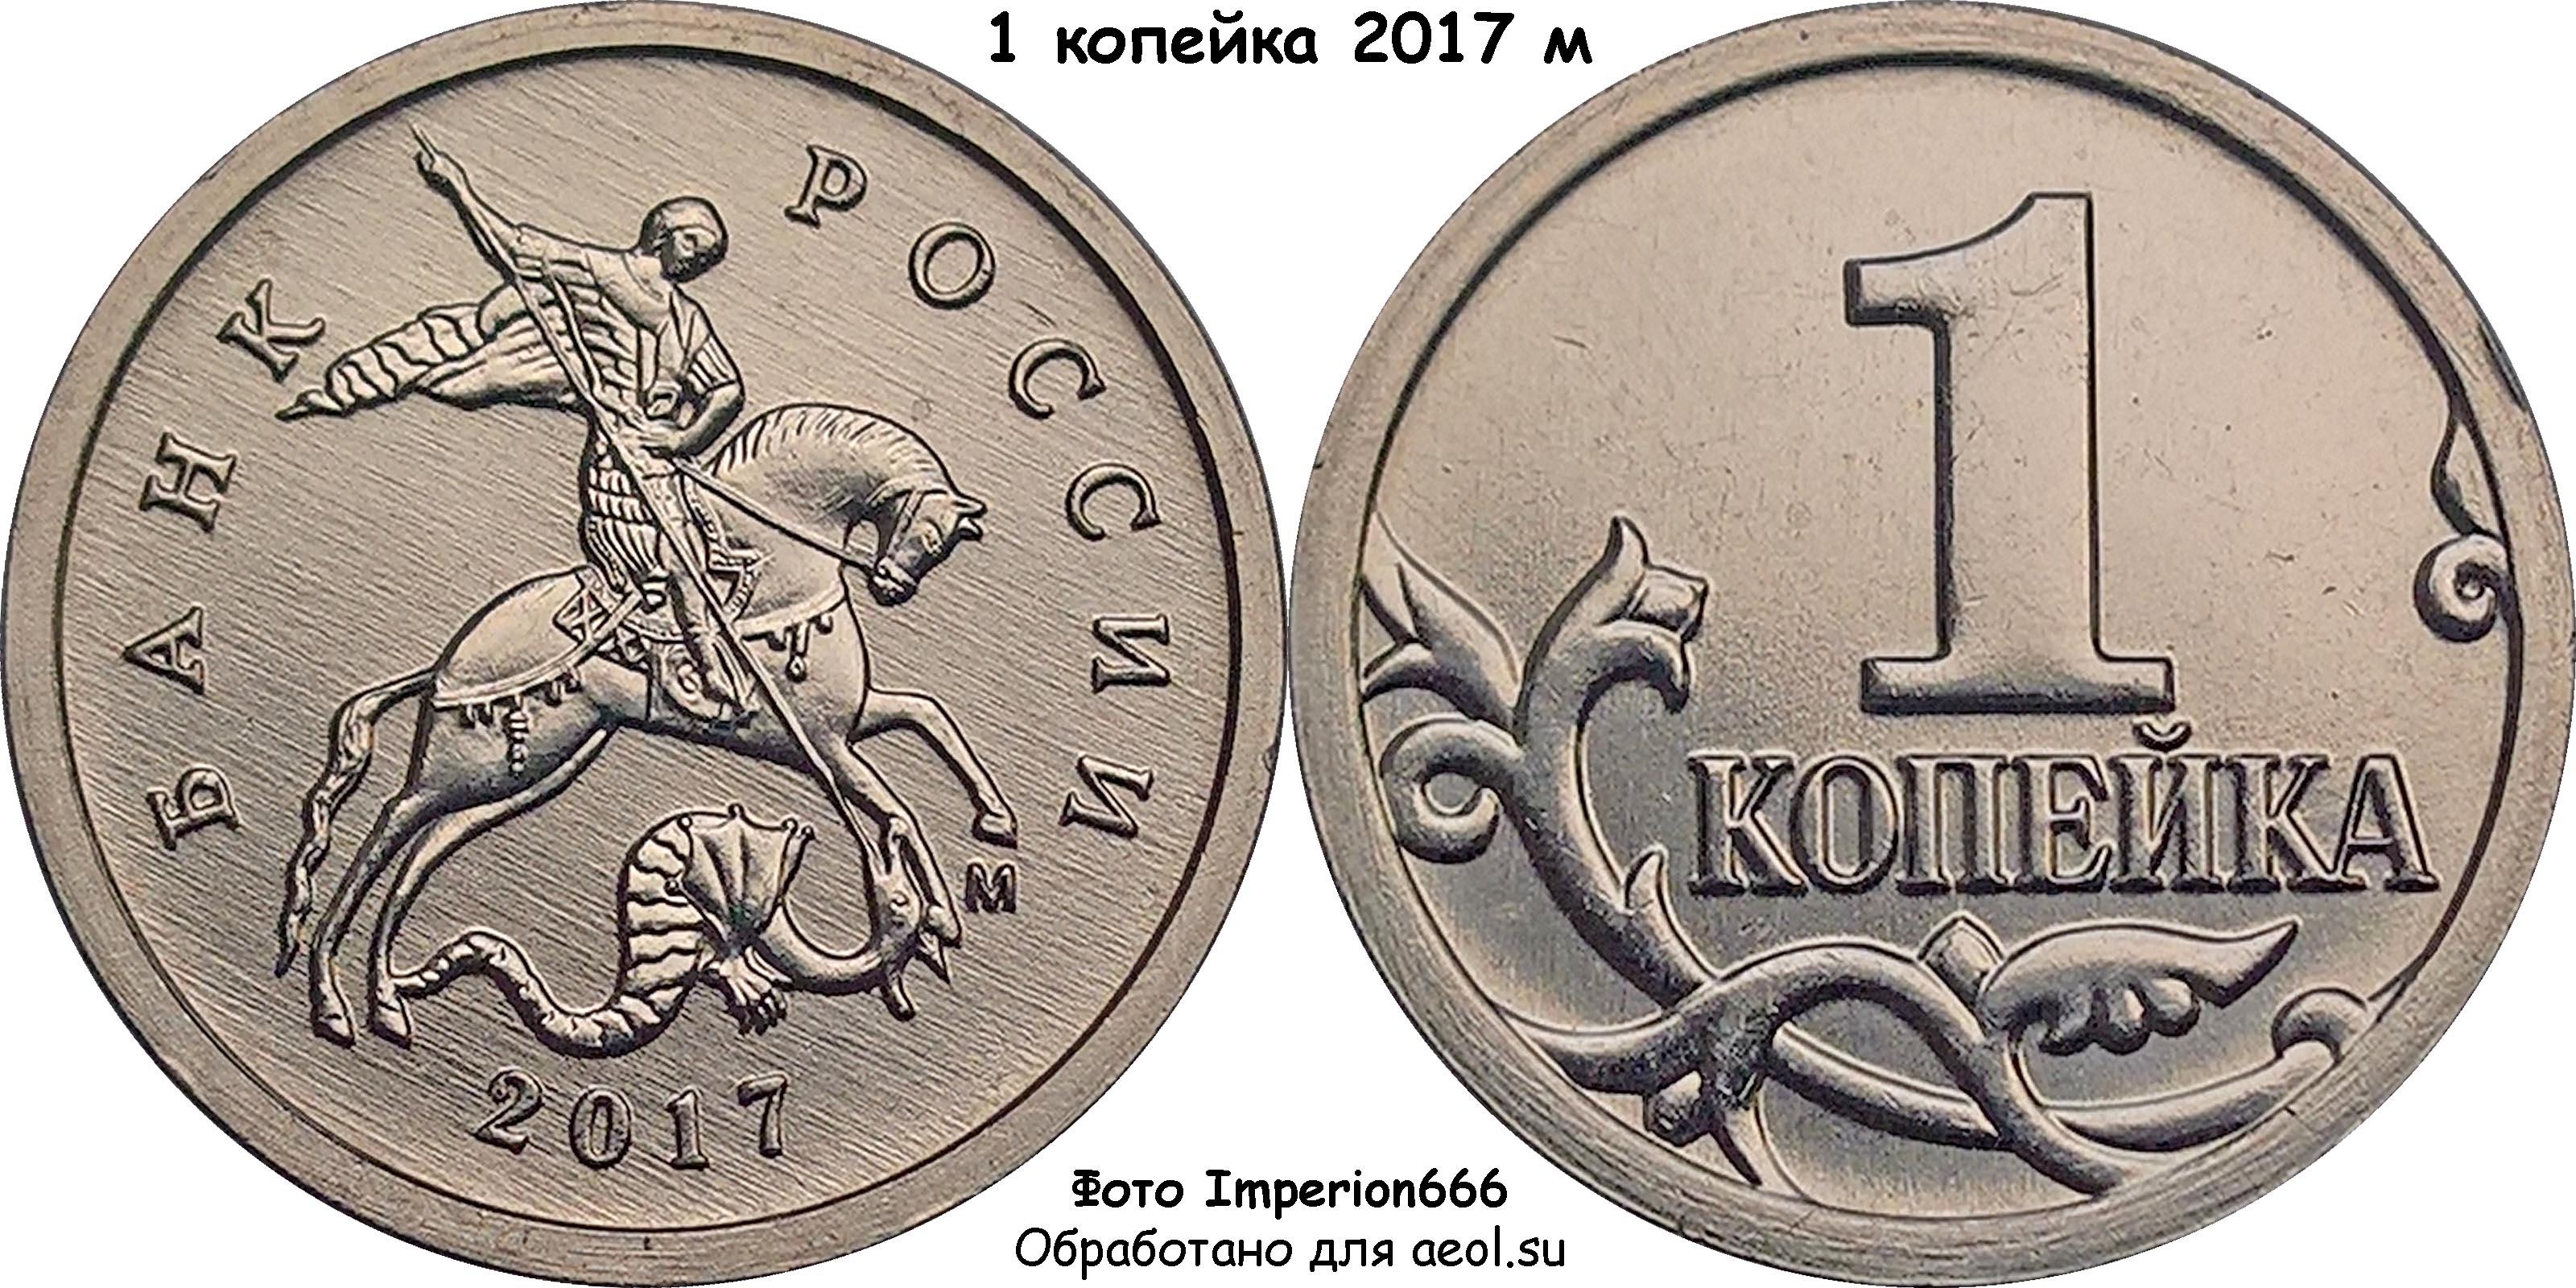 Монета 1 копейка 2017 года где в курске можно продать старинные монеты